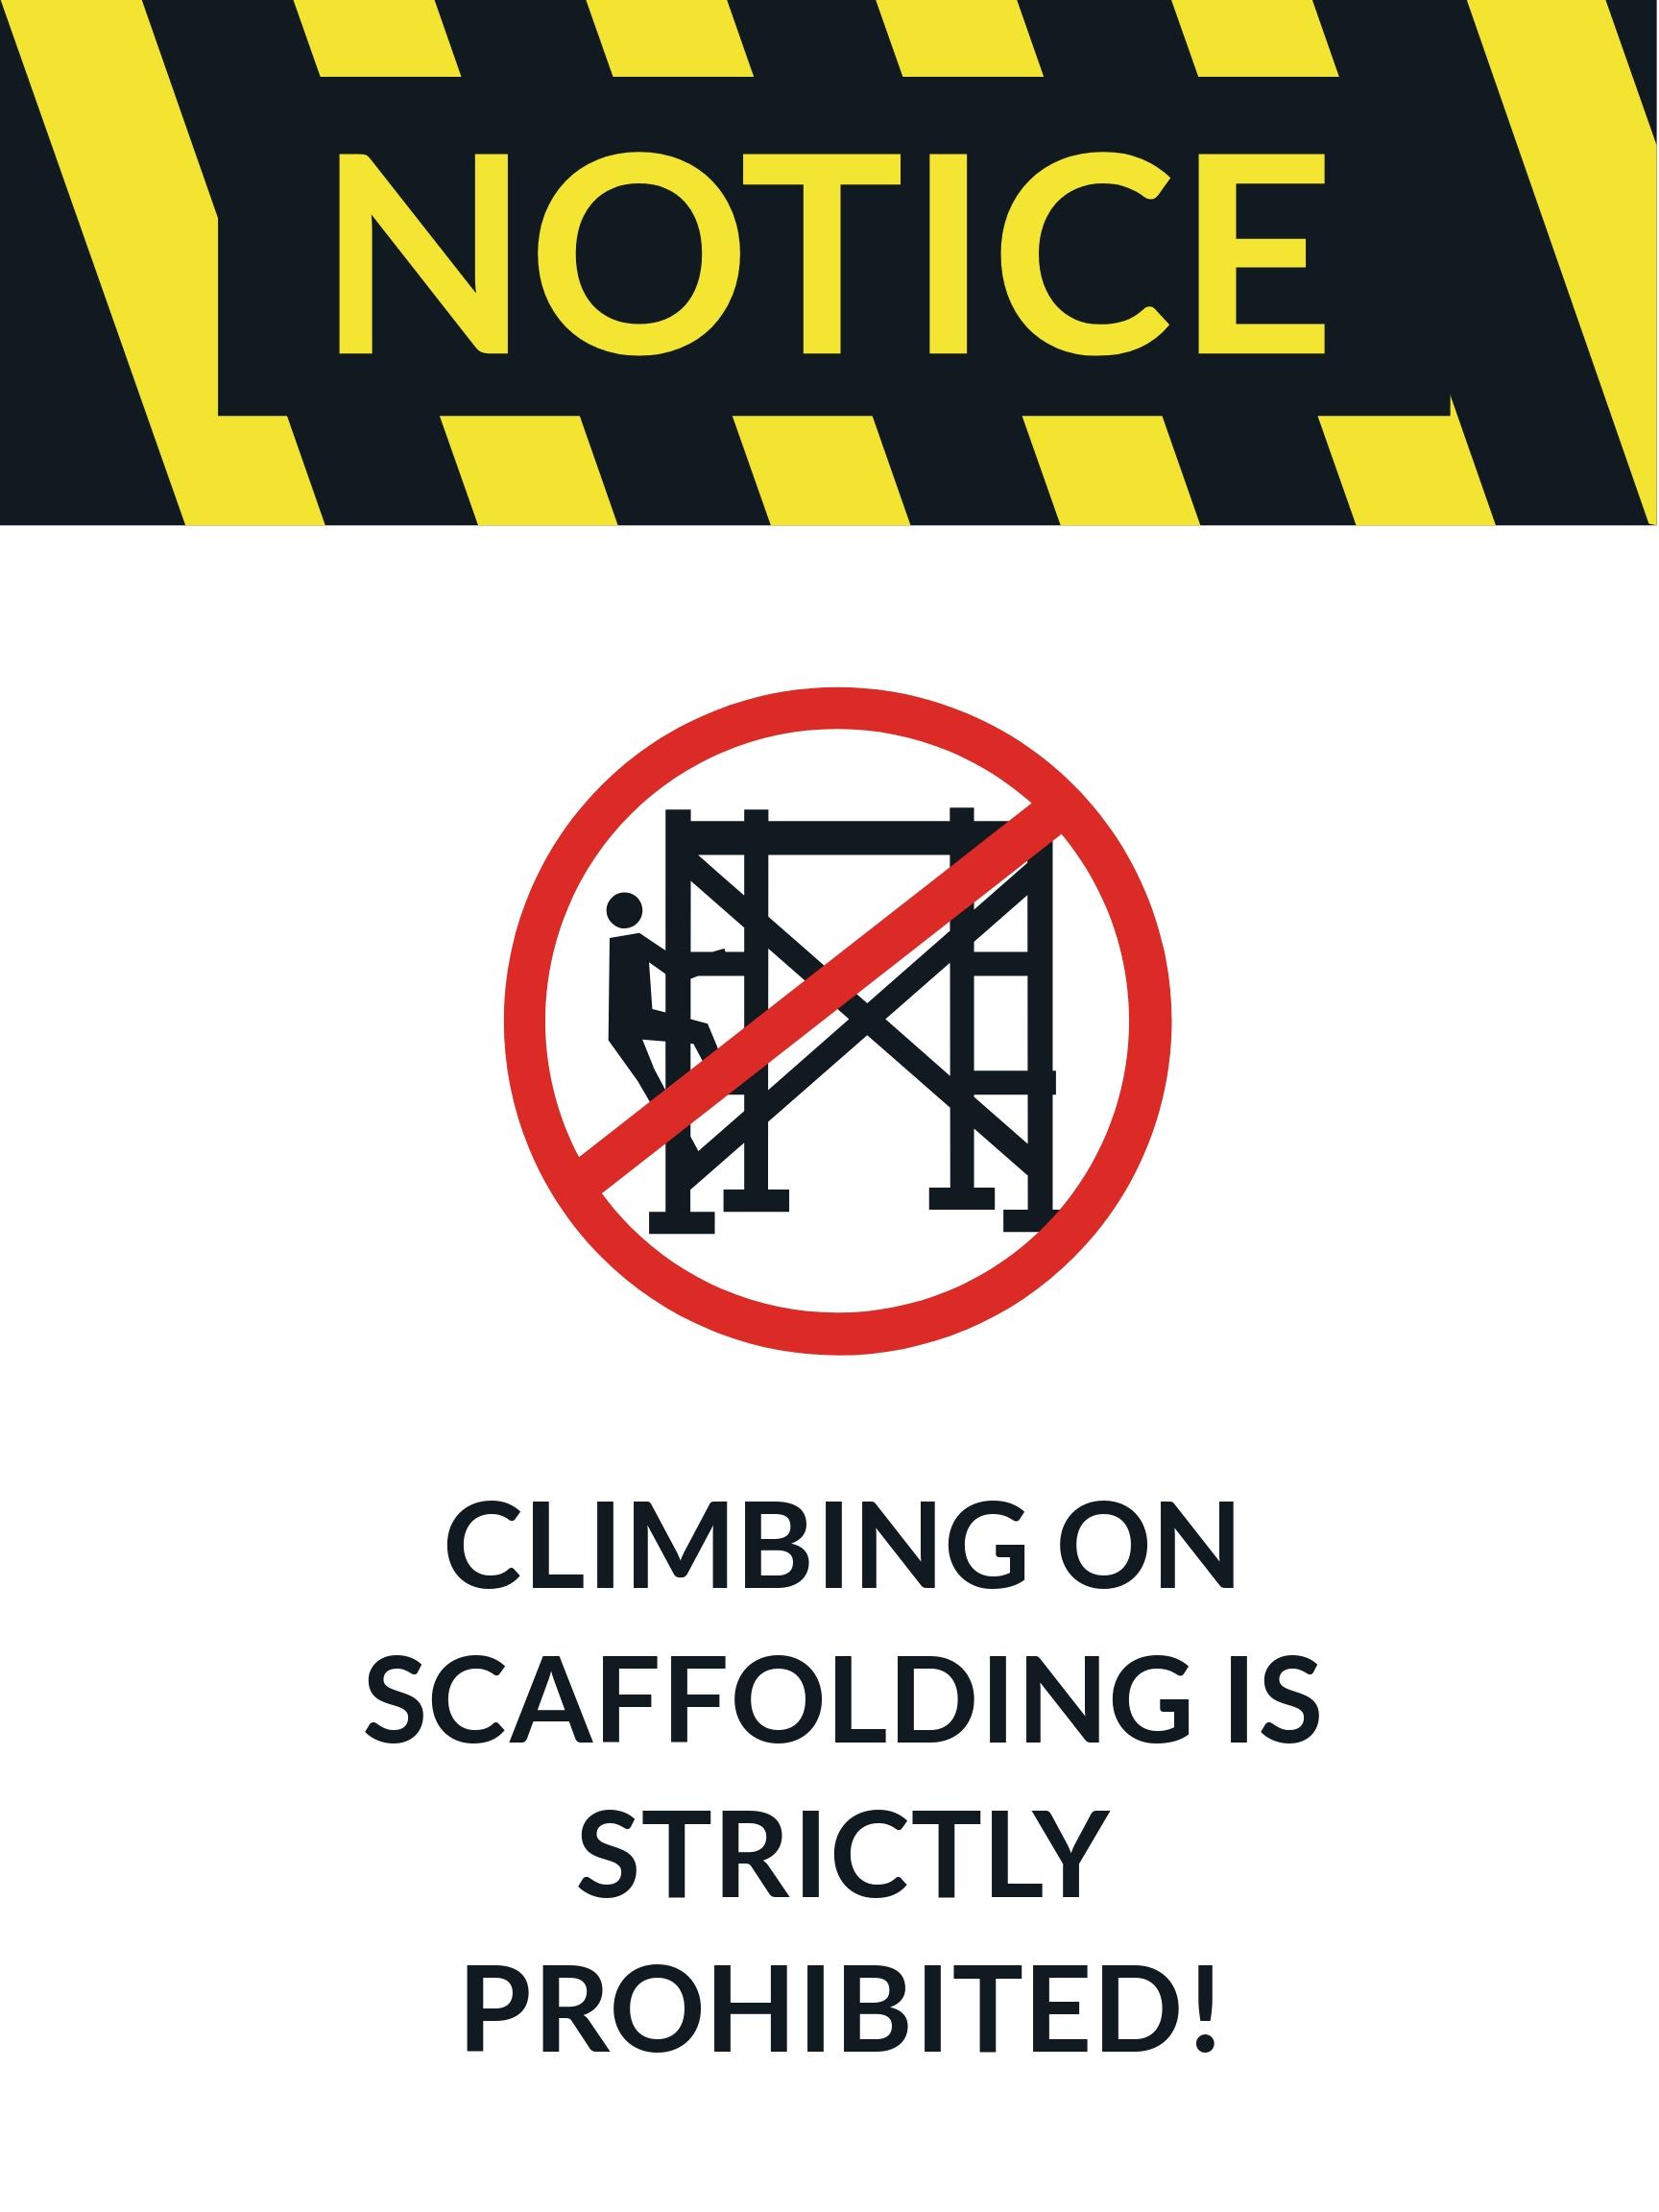 Danger - Do Not Climb on Scaffolding Sign Template